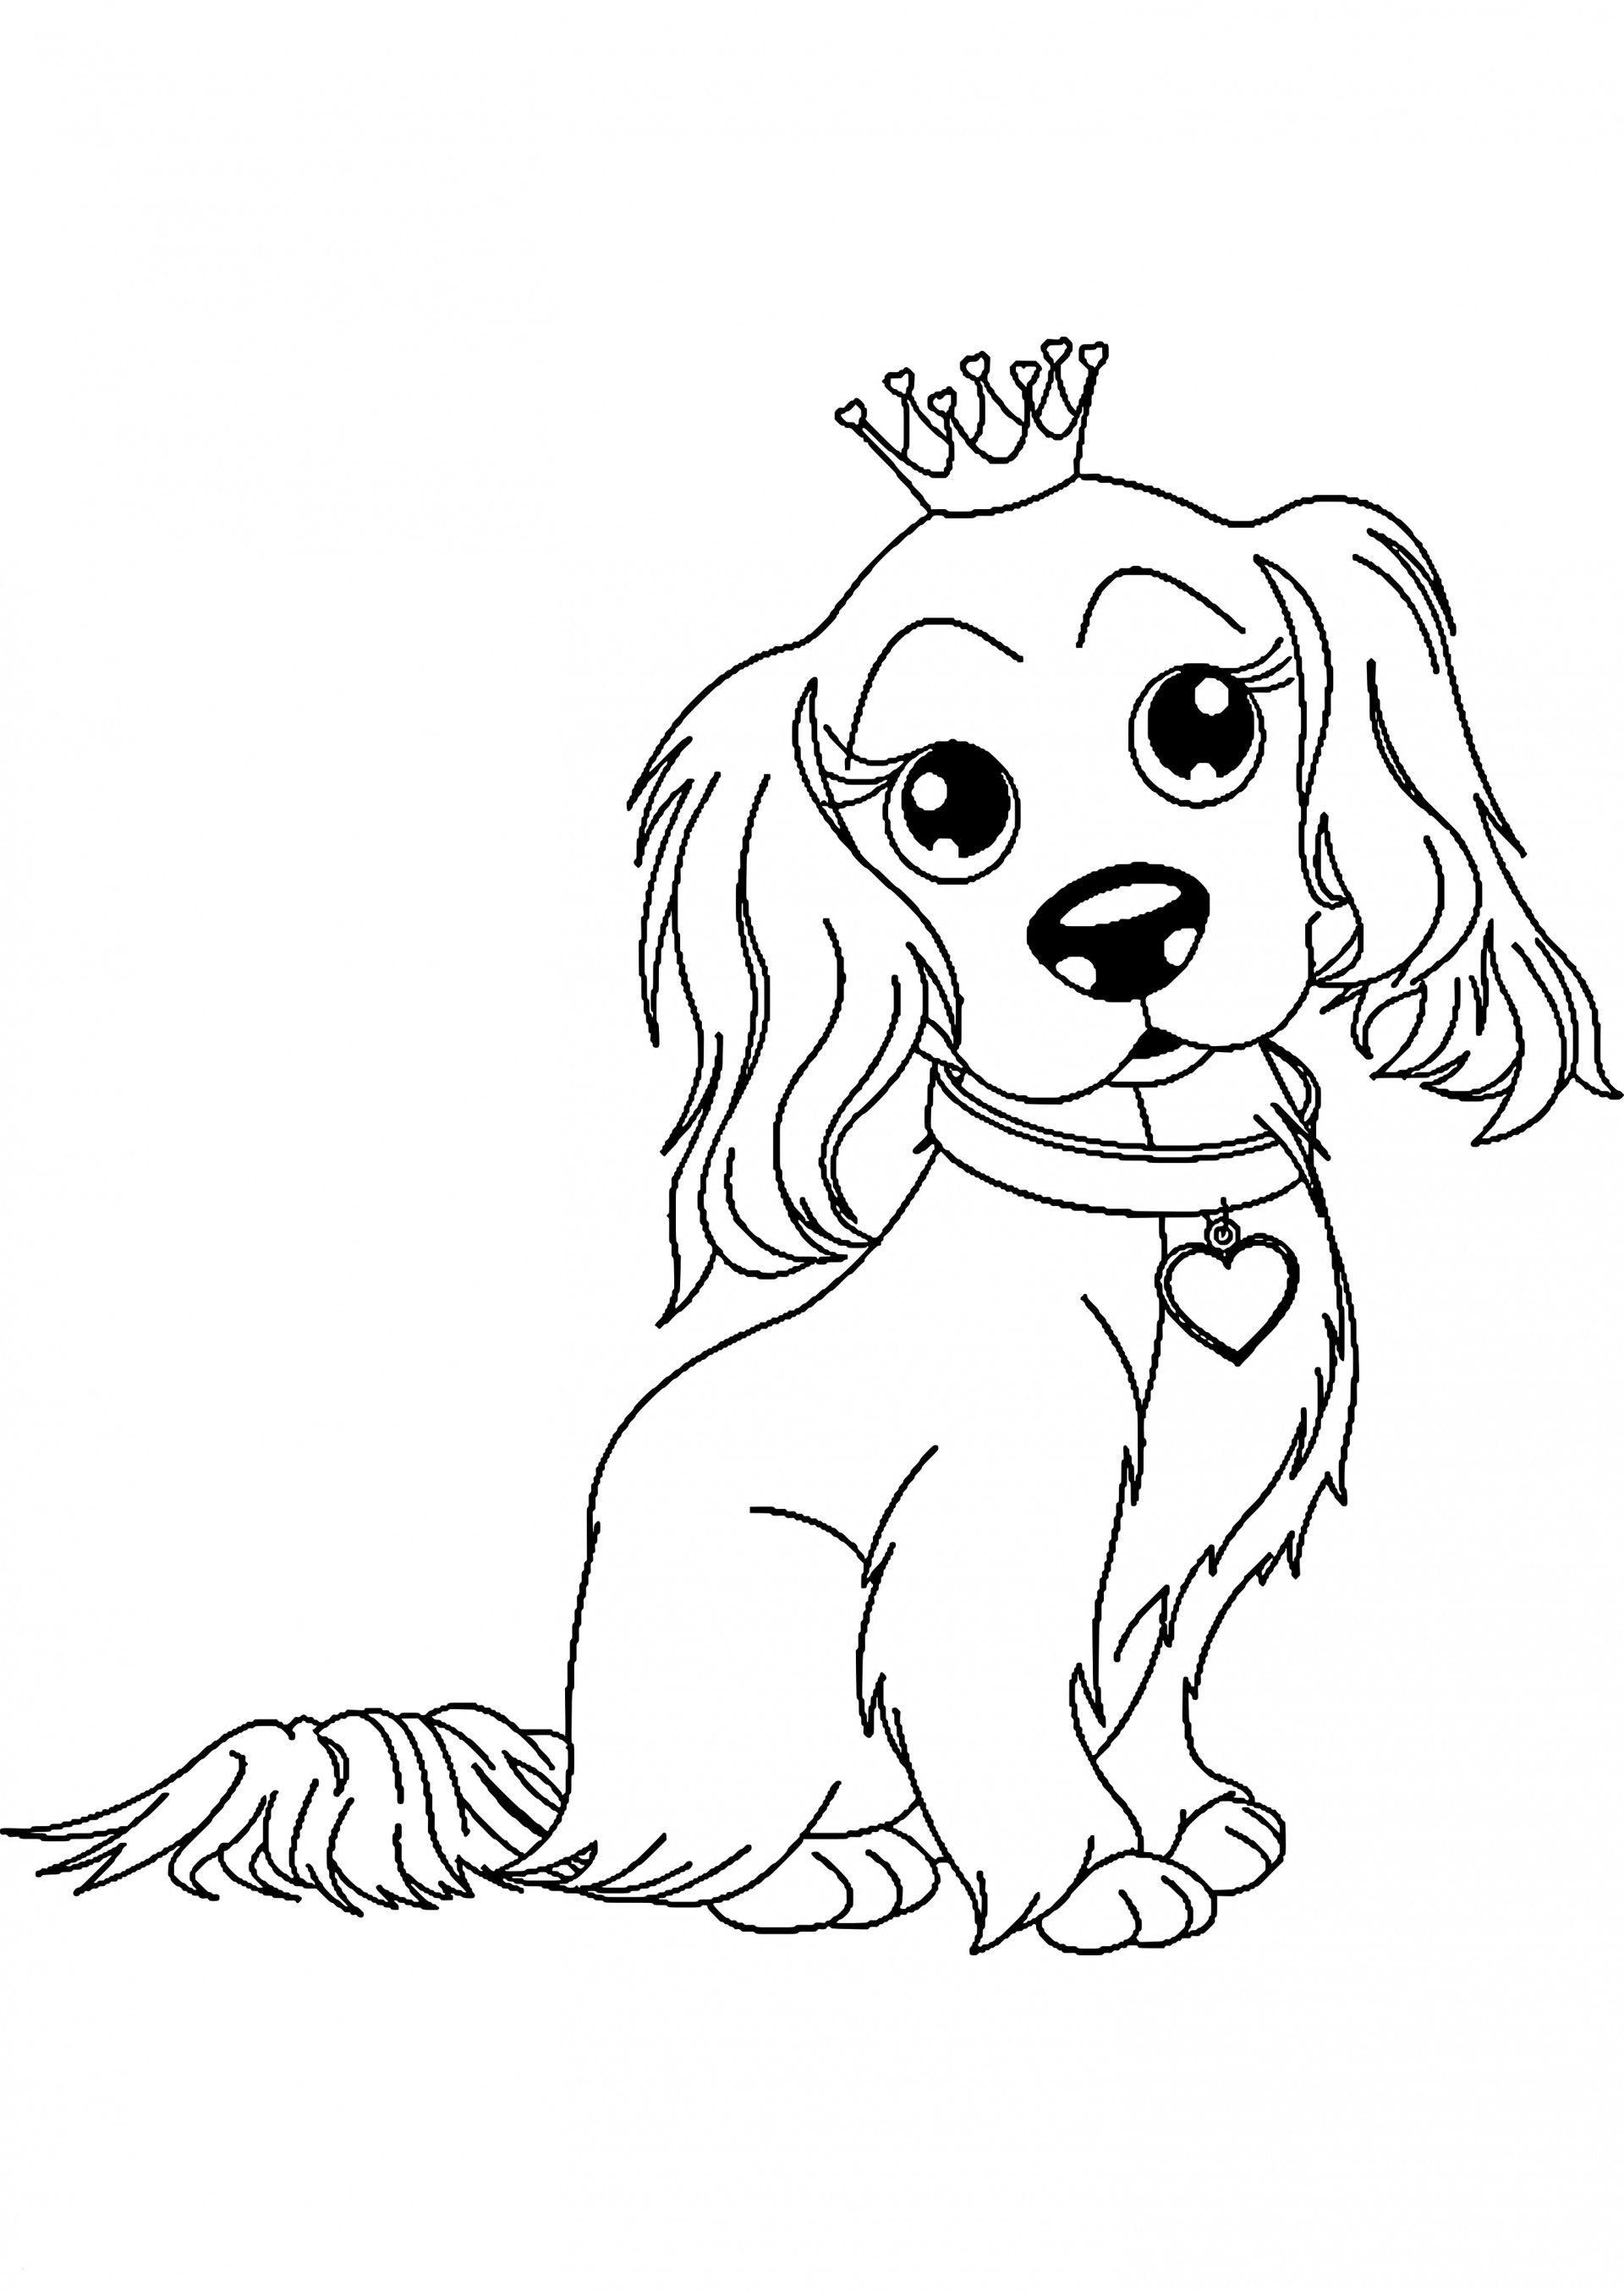 Neu Malvorlagen Schone Lilien Farbung Malvorlagen Malvorlagenfurkinder Malvorlagen Malvorlage Hund Kostenlose Malvorlagen